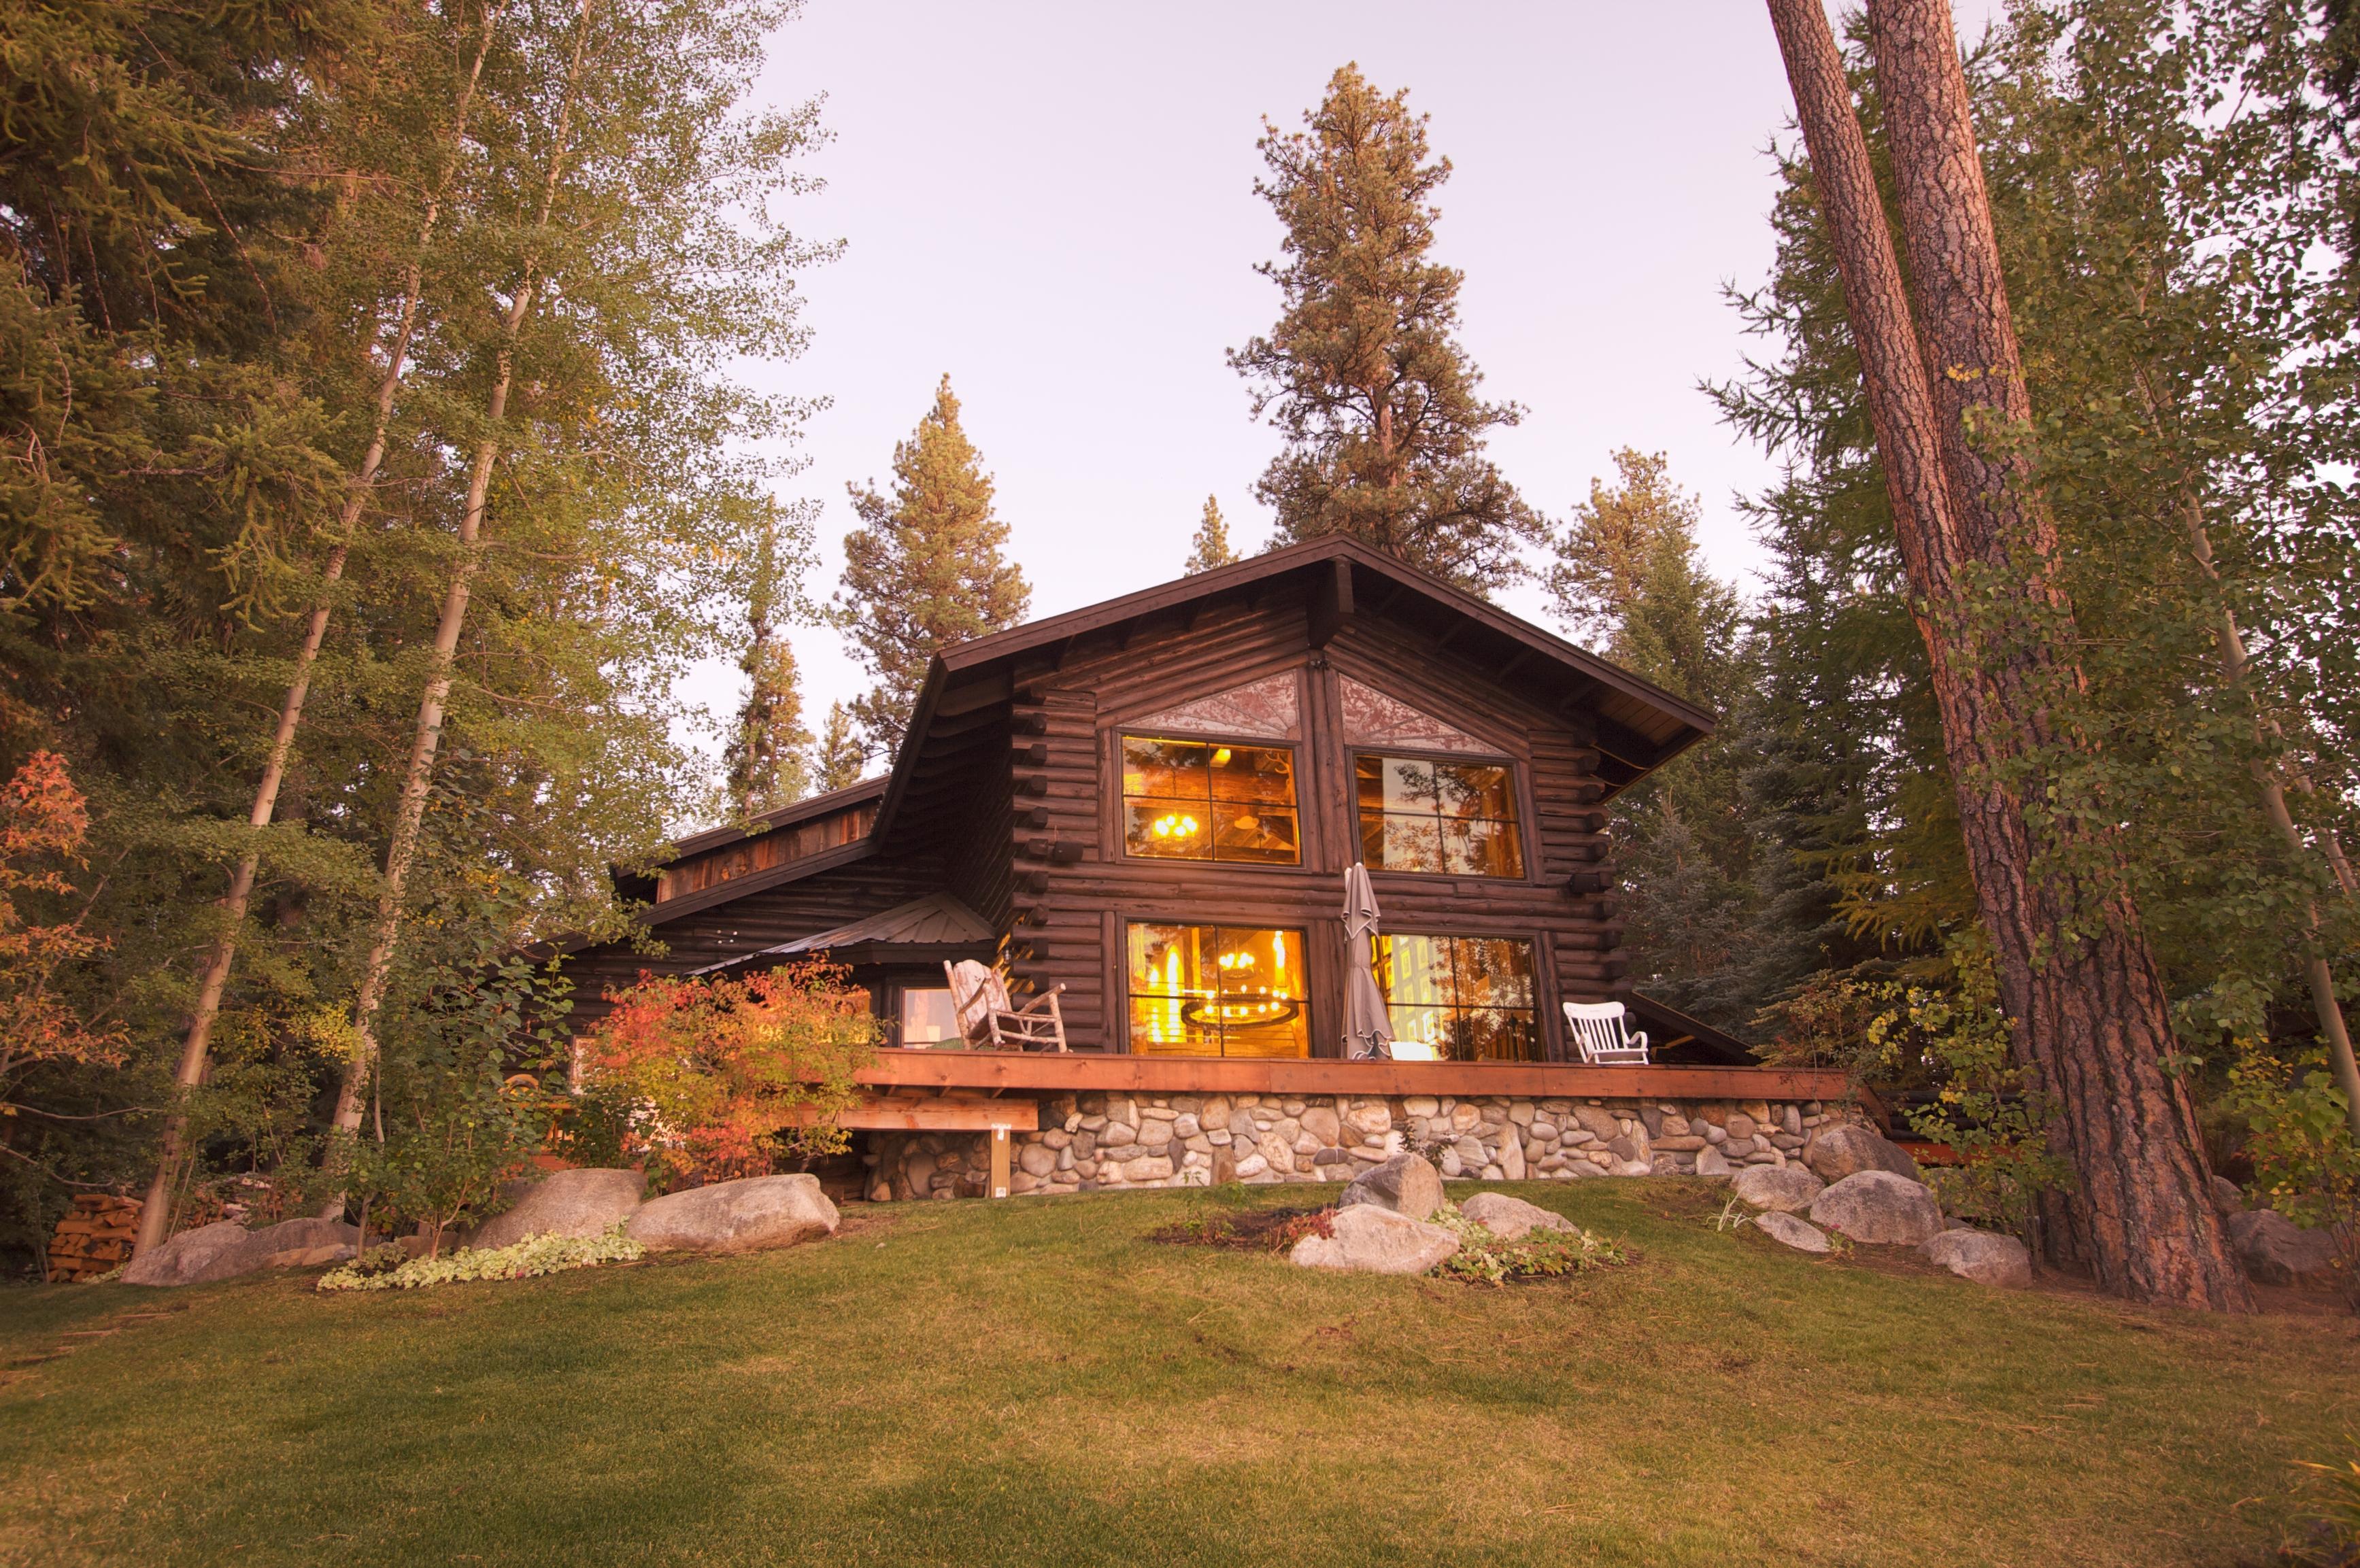 Log Cabin Day 2019